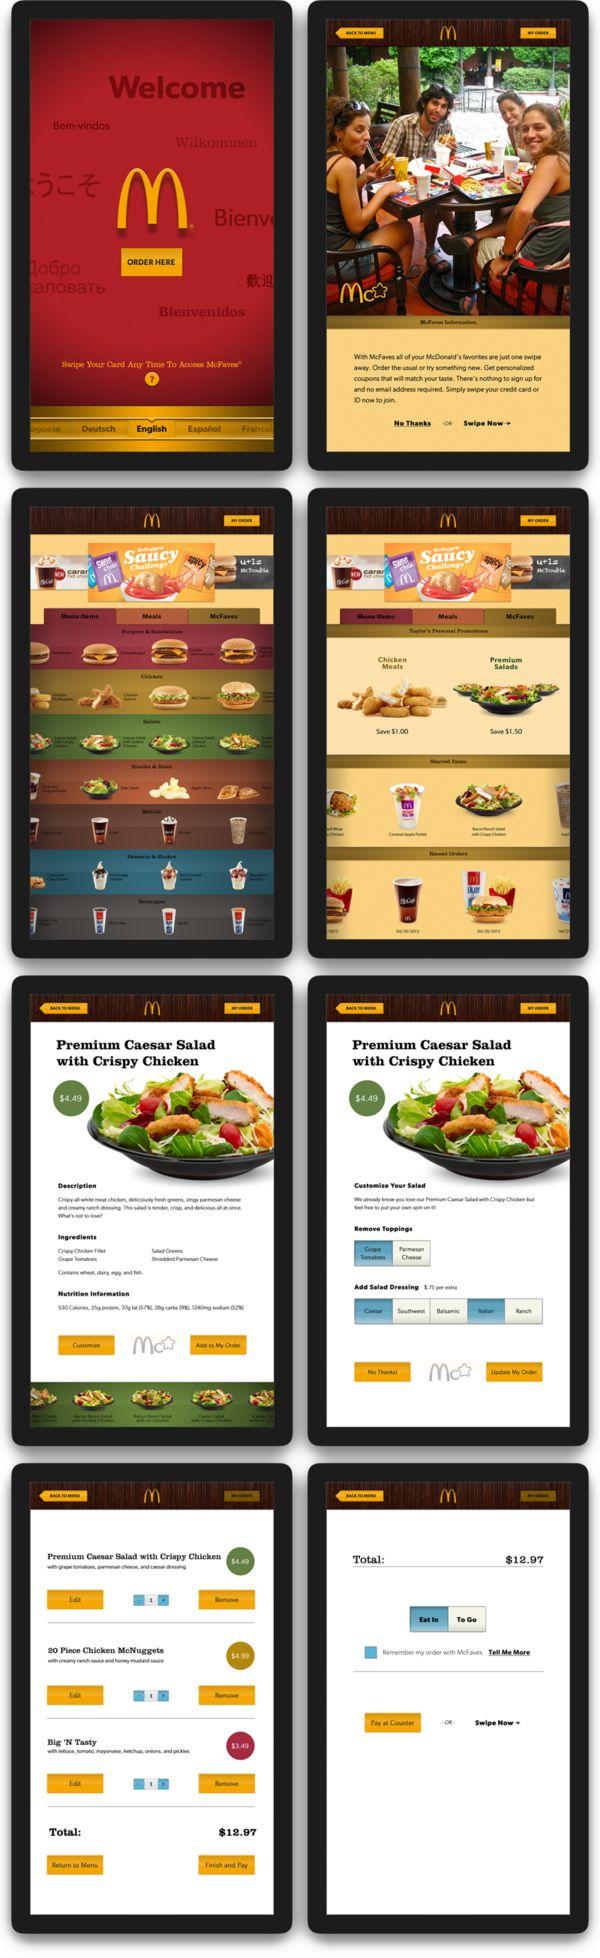 Interactive McDonald's Menu